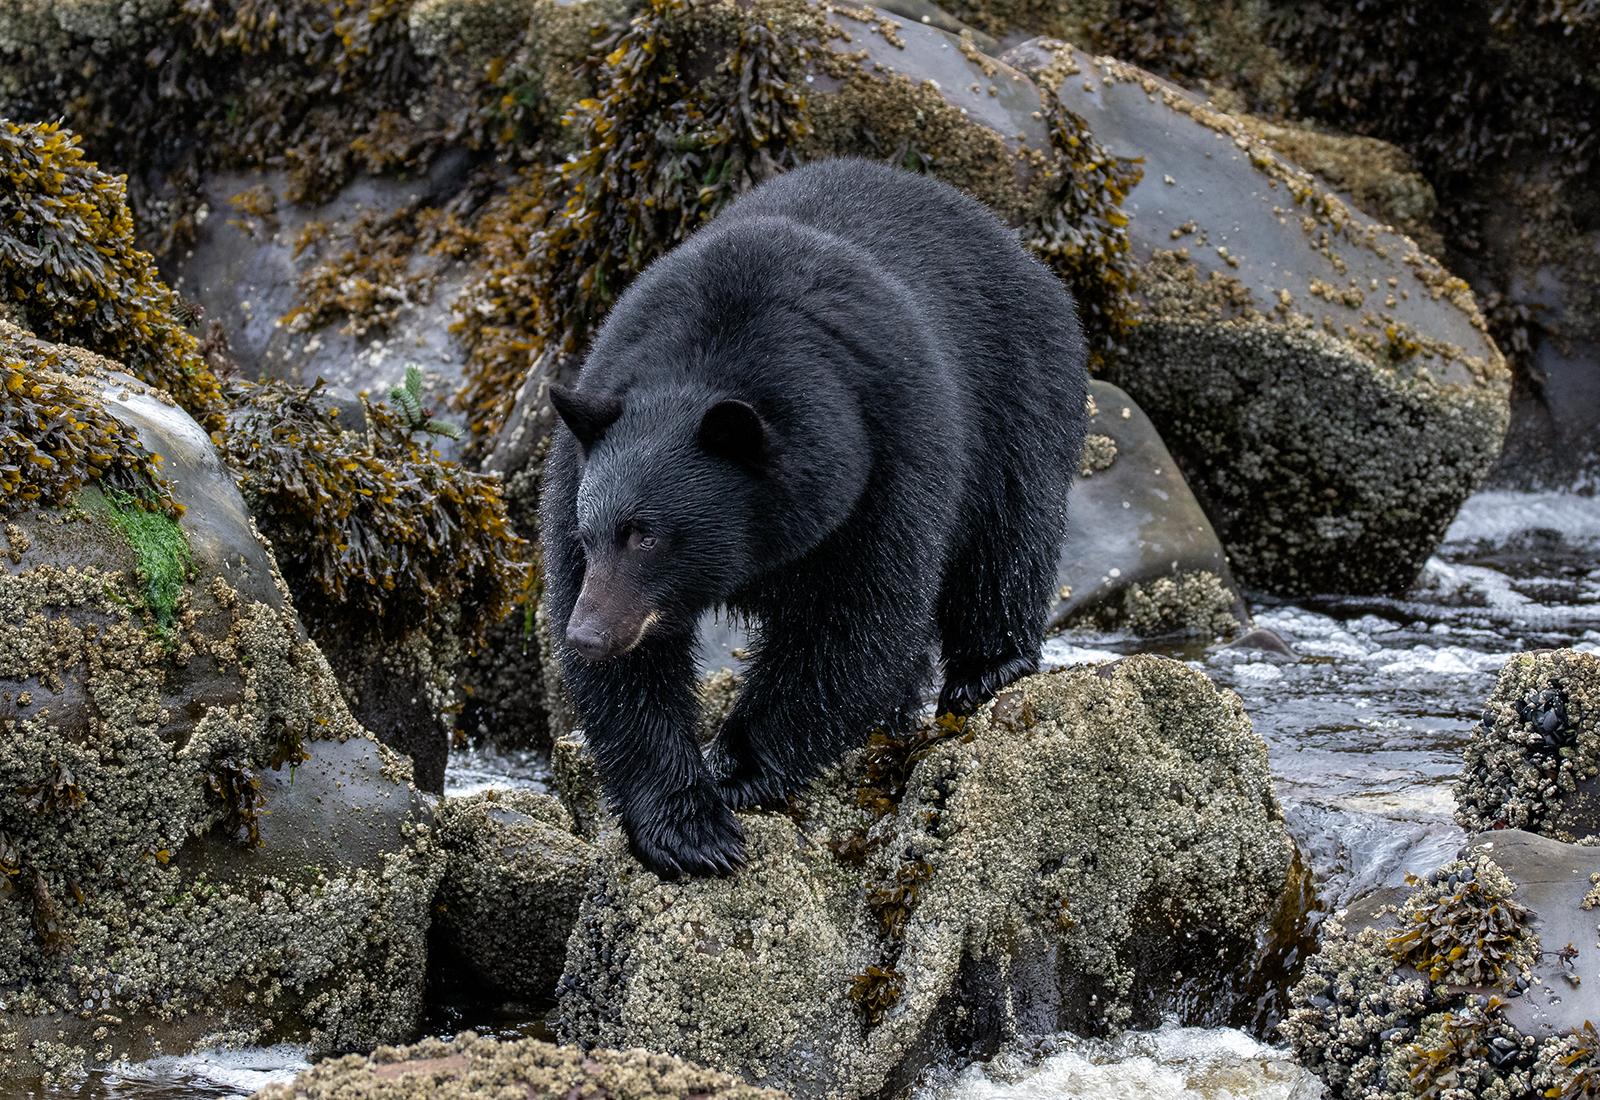 Keogh River Black Bear 002.jpg